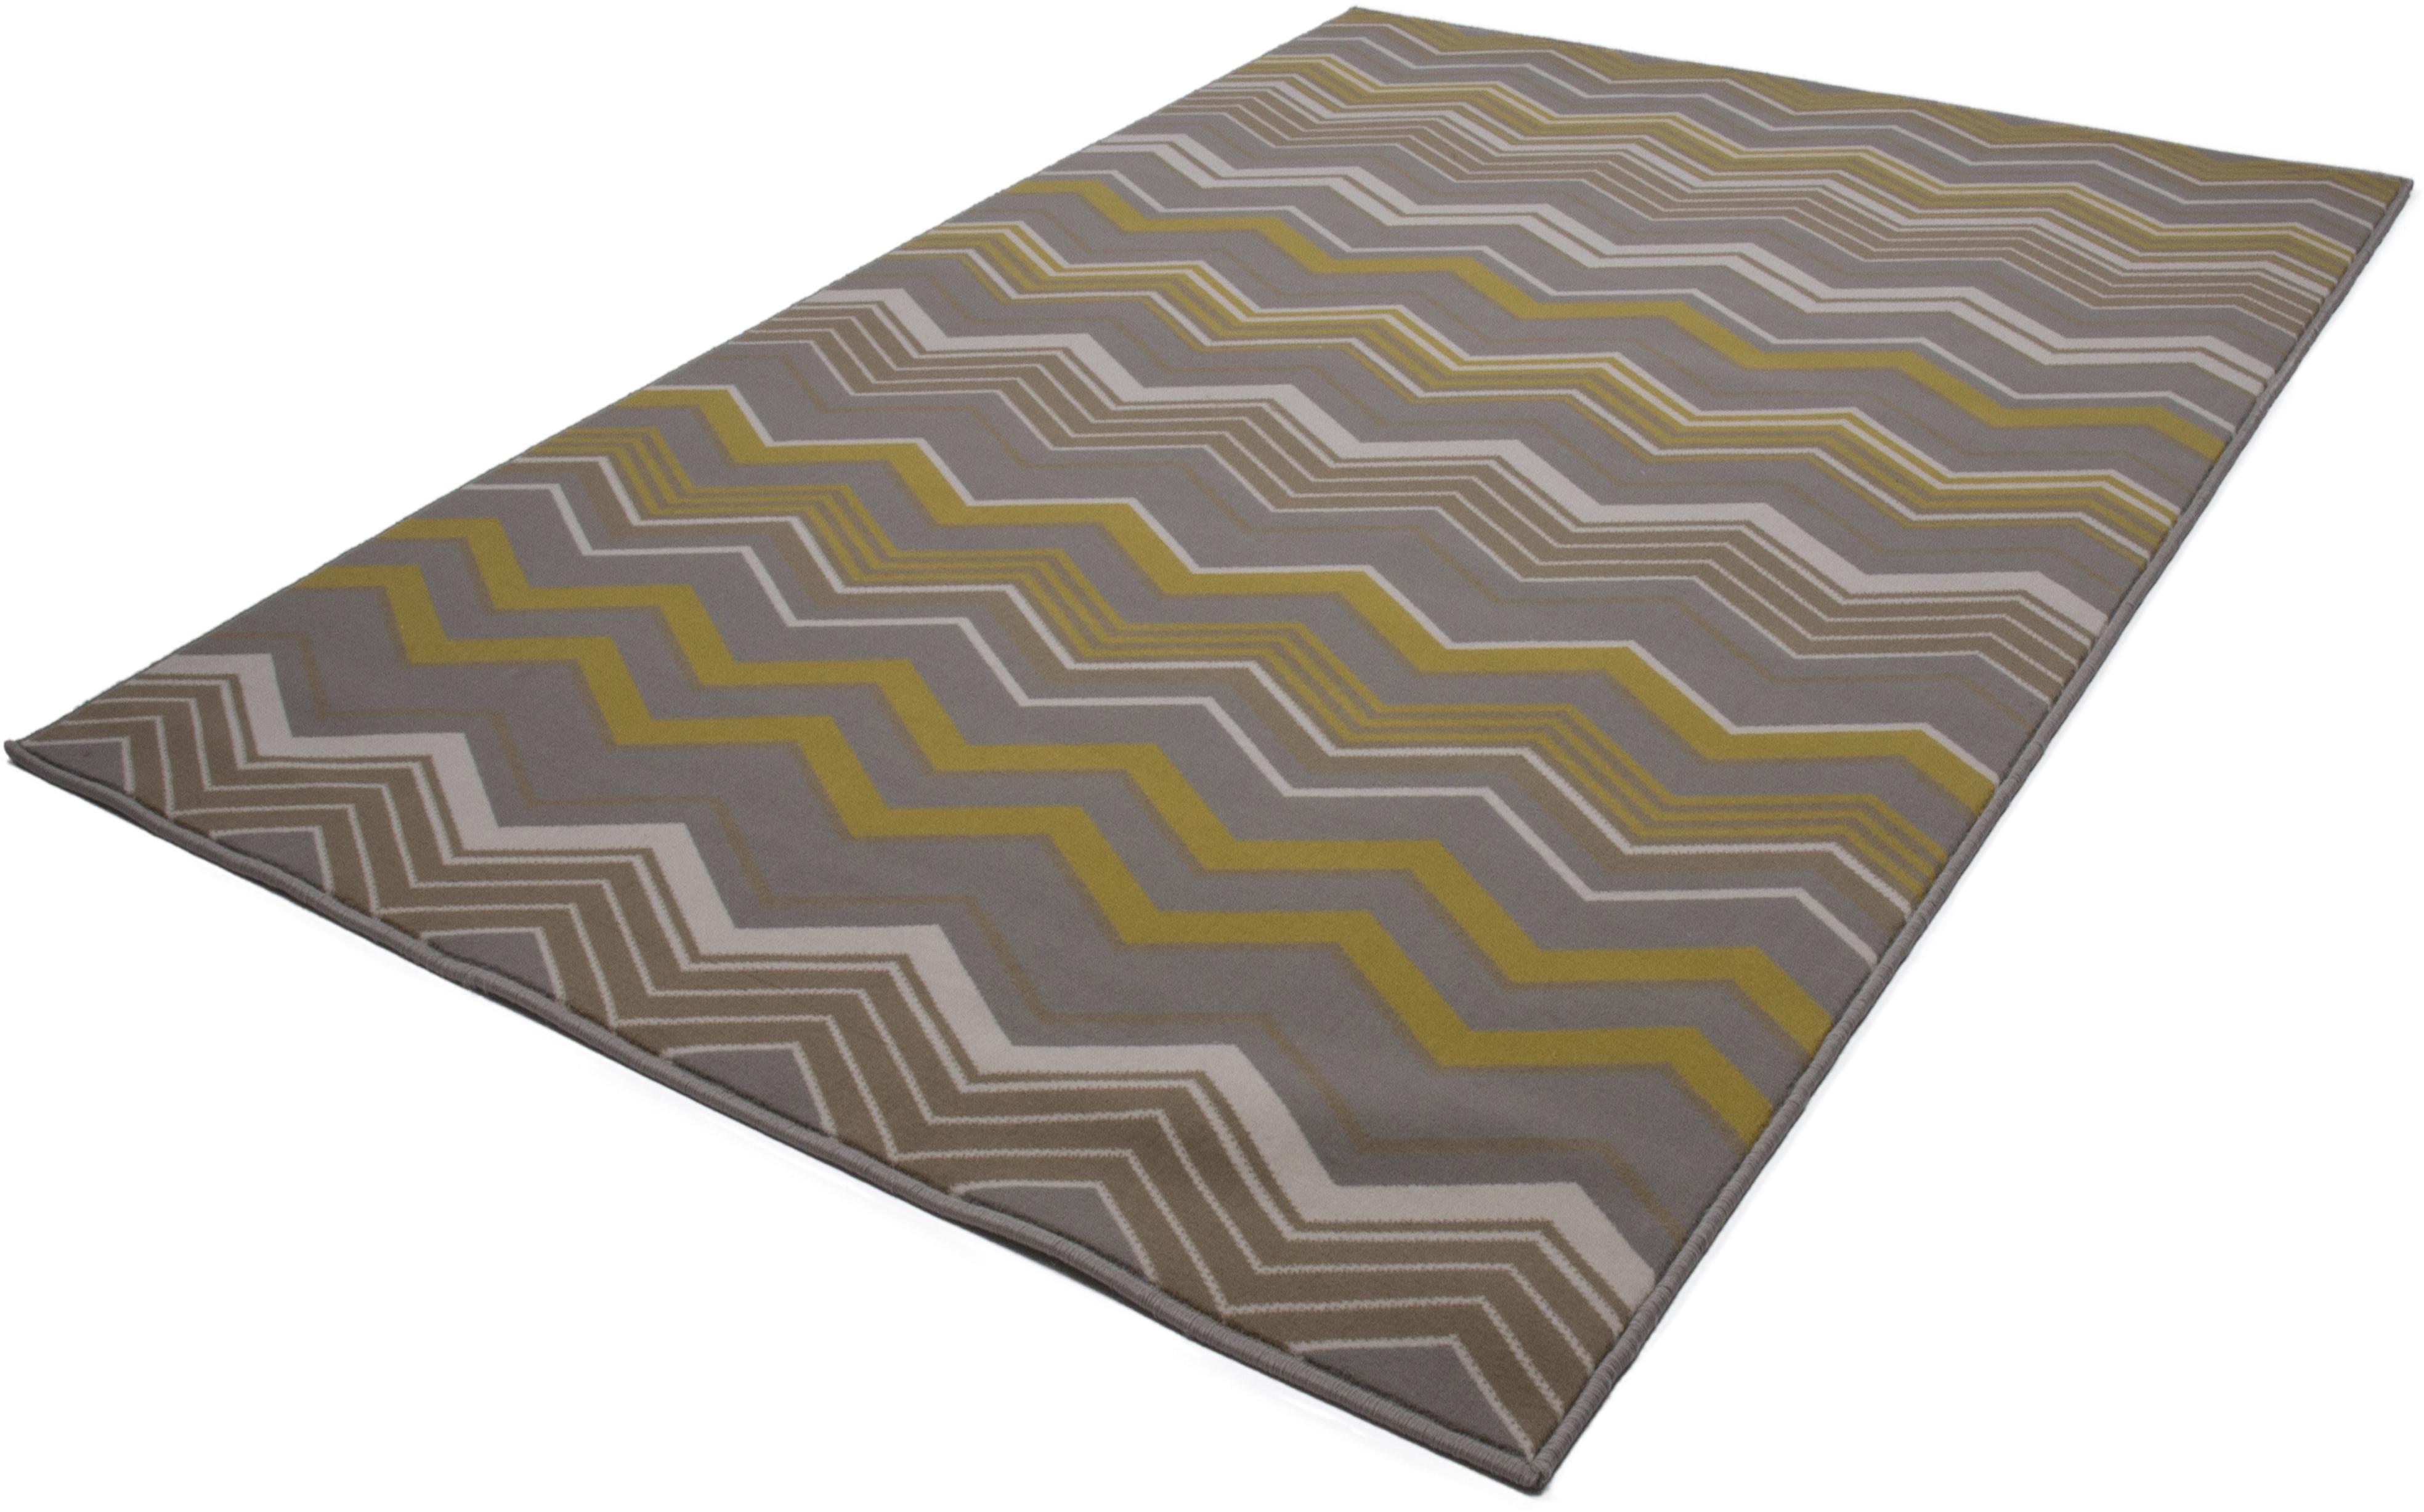 teppich now 900 kayoom rechteckig h he 10 mm erfolgsteams frankfurt. Black Bedroom Furniture Sets. Home Design Ideas